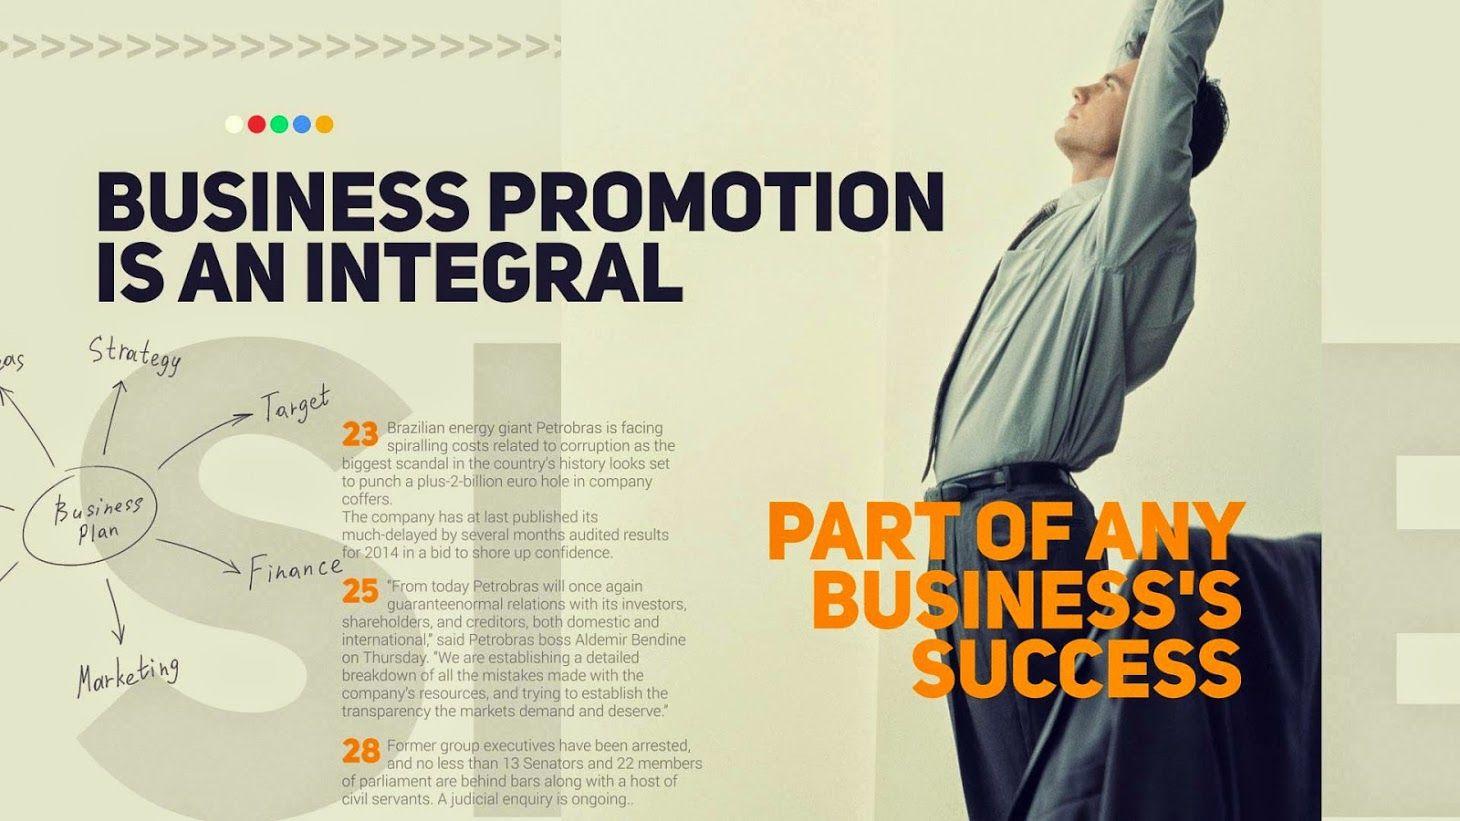 Business Promotion پرومو تیزر تبلیغاتی کسب و کار